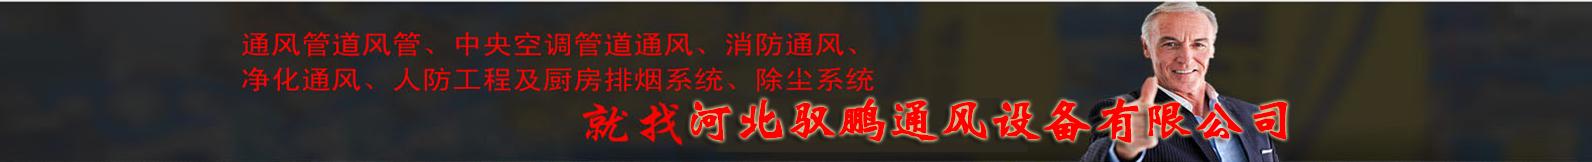 河北驭鹏通风设备有限公司